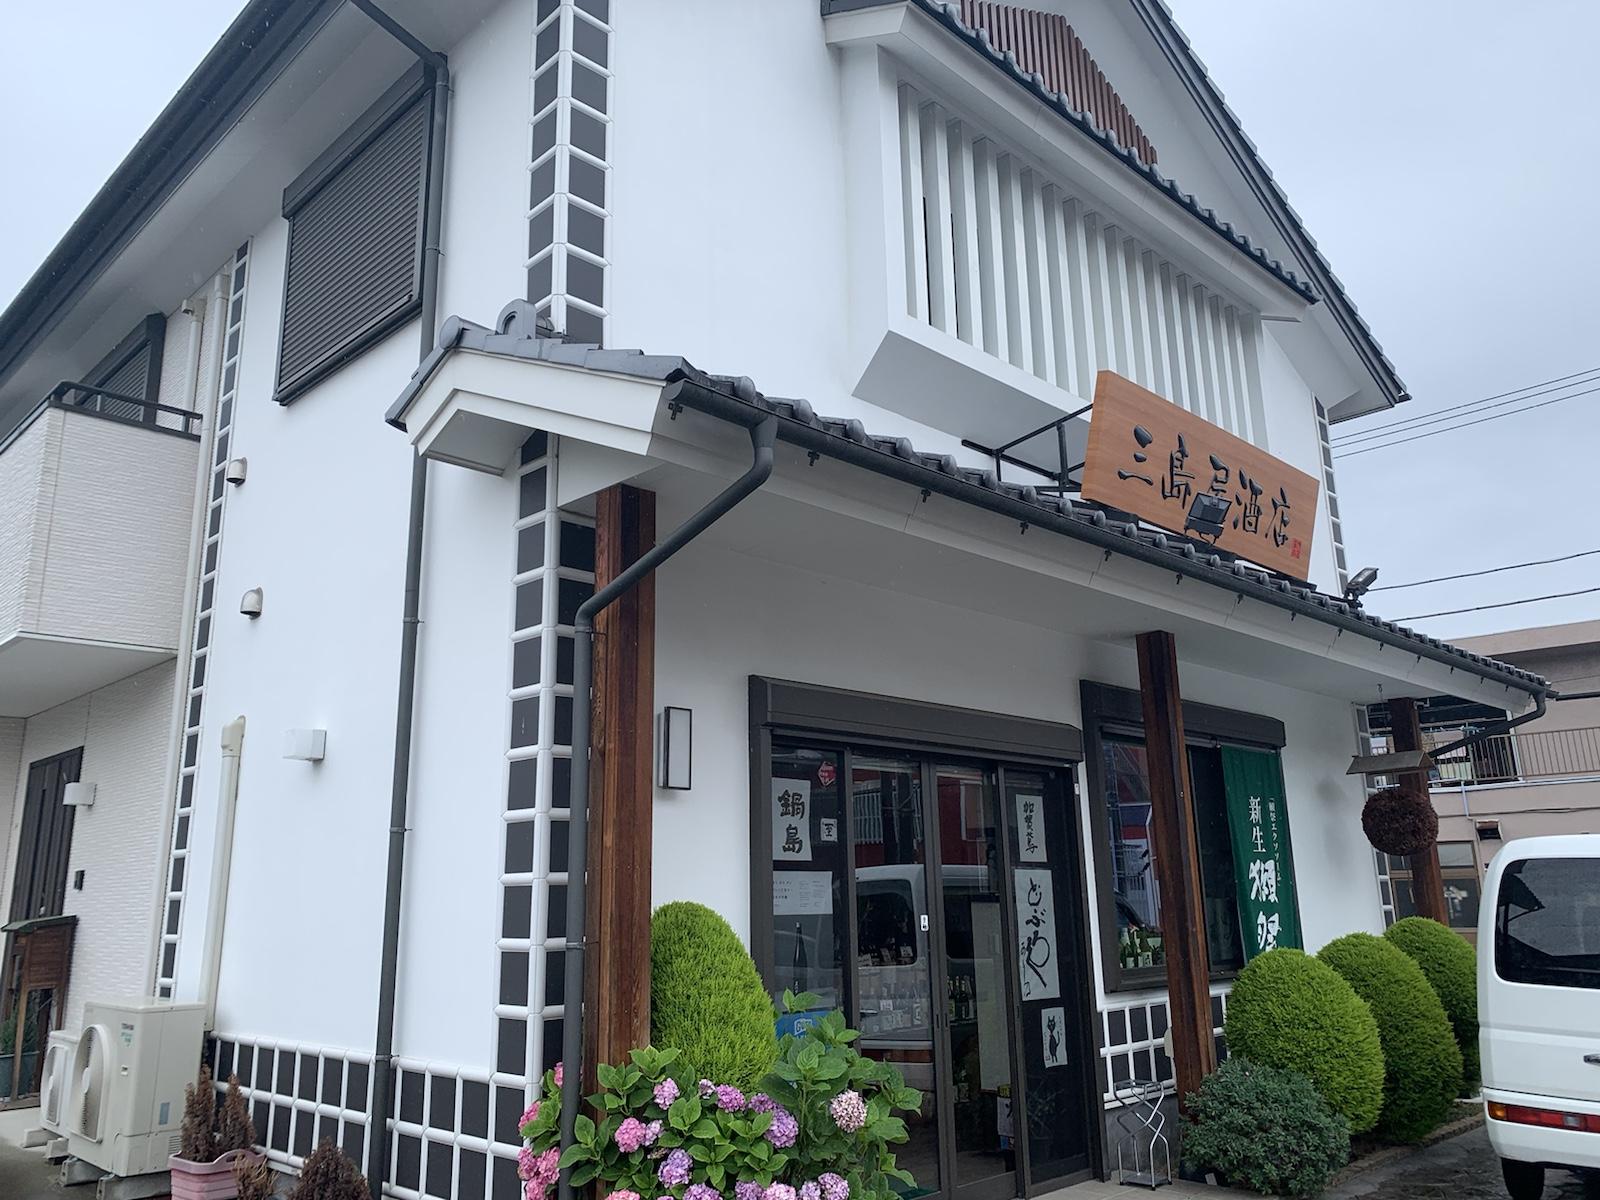 三島屋酒店 銘酒 伊豆長岡 穴場 酒屋